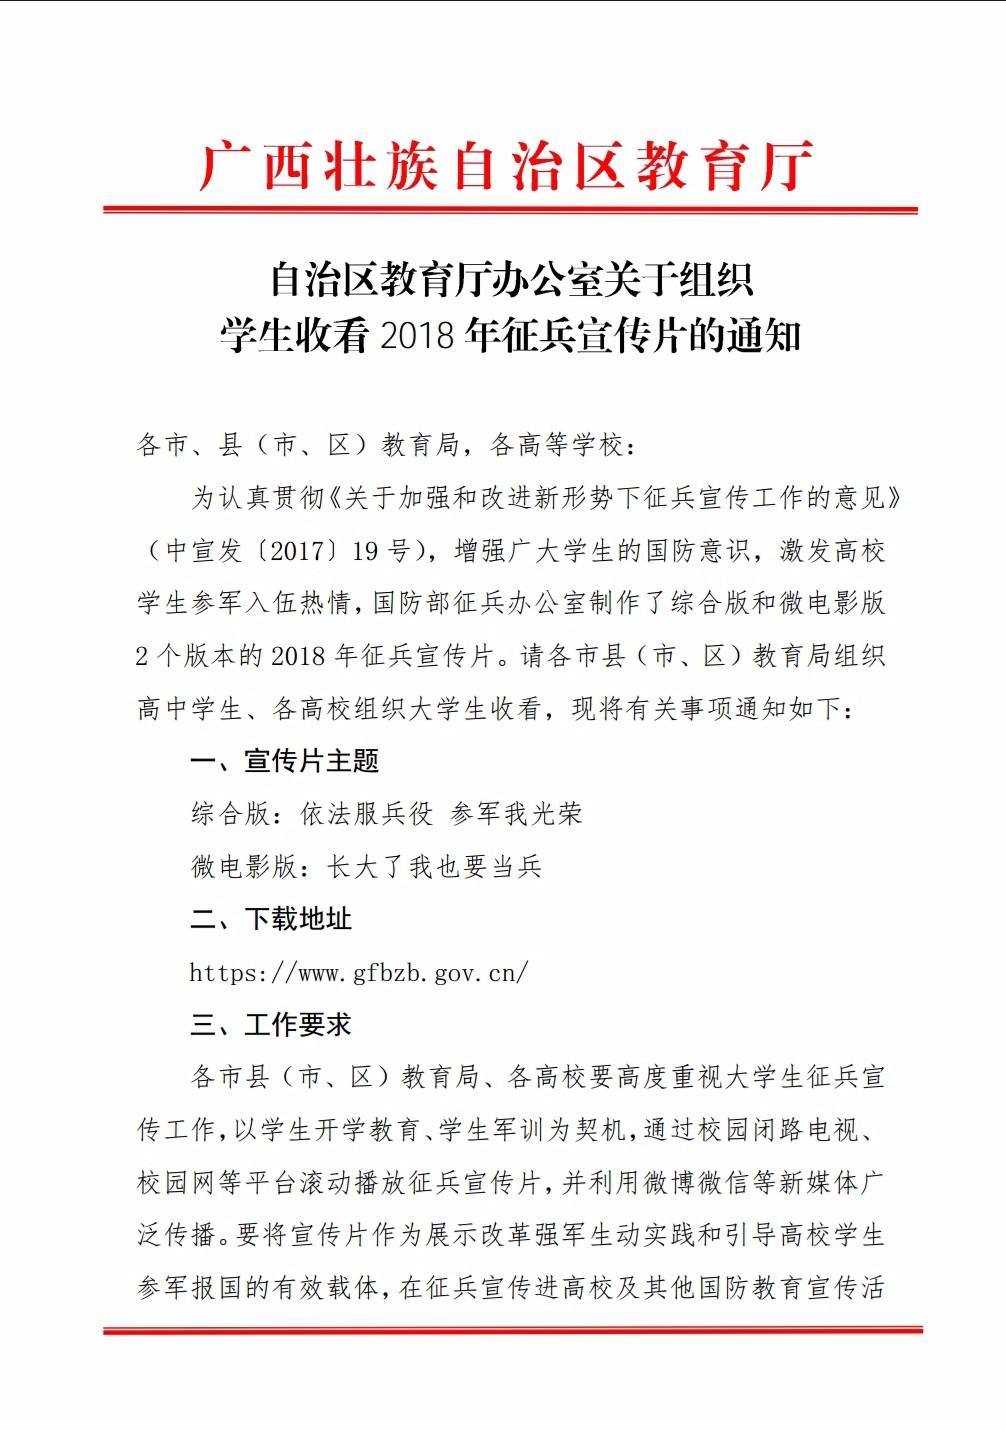 自治区教育厅办公室关于组织学生收看2018年征兵宣传片的通知(学生处)